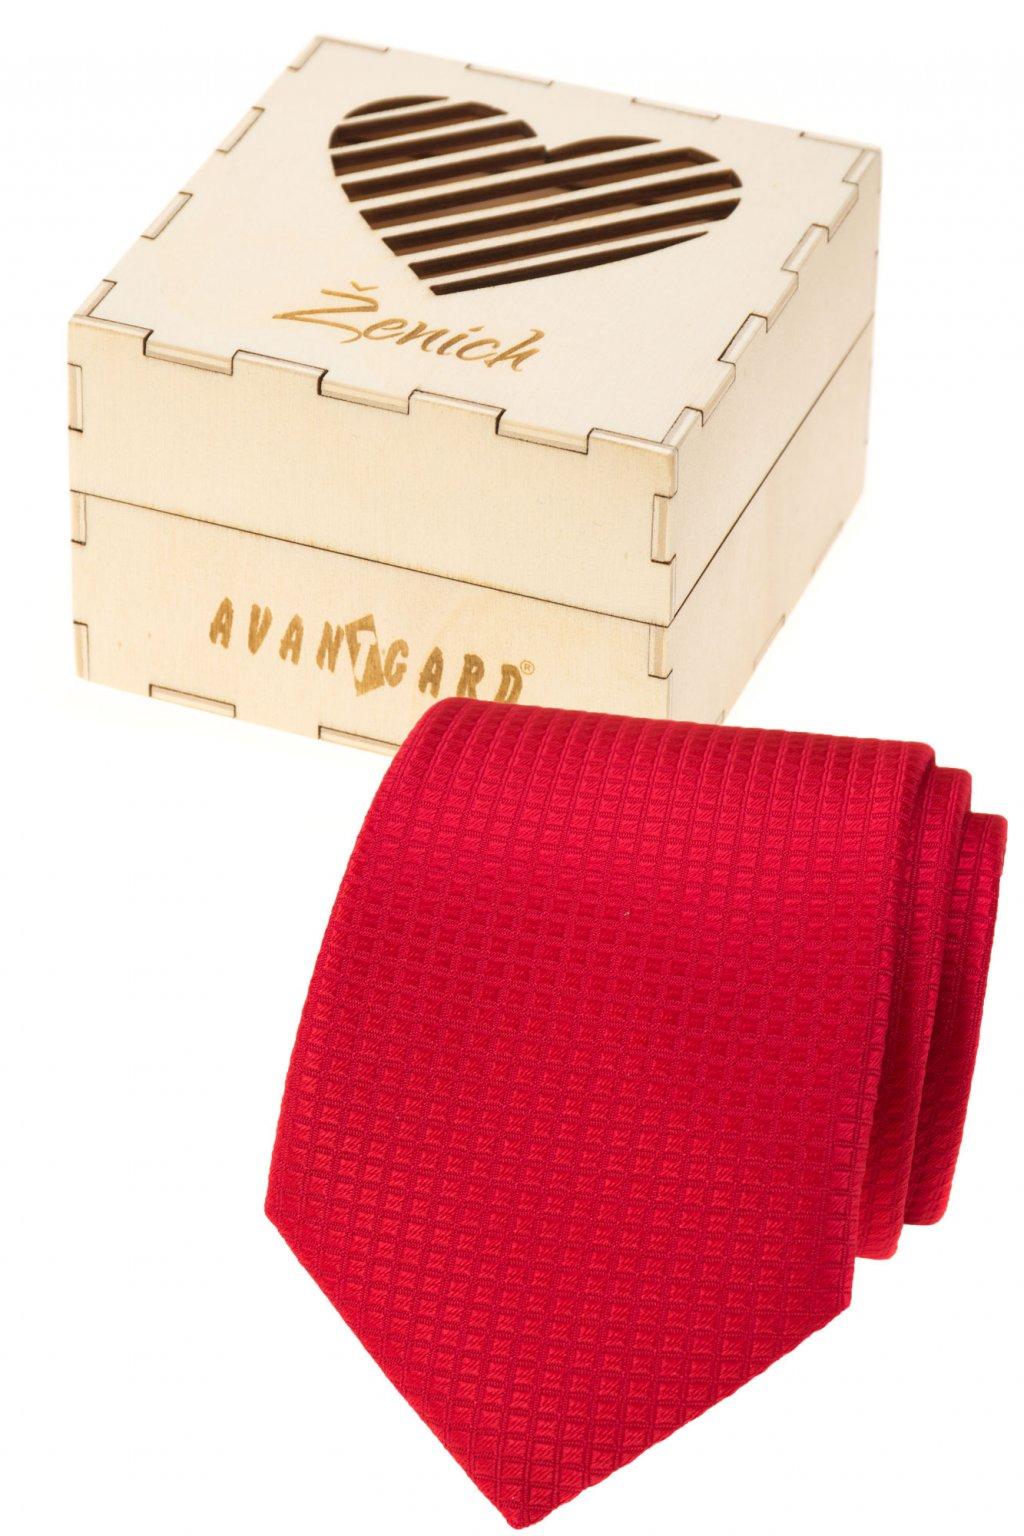 Dárkový set Ženich - Kravata v dárkové dřevěné krabičce s nápisem, 919-37222, Červená, přírodní dřevo